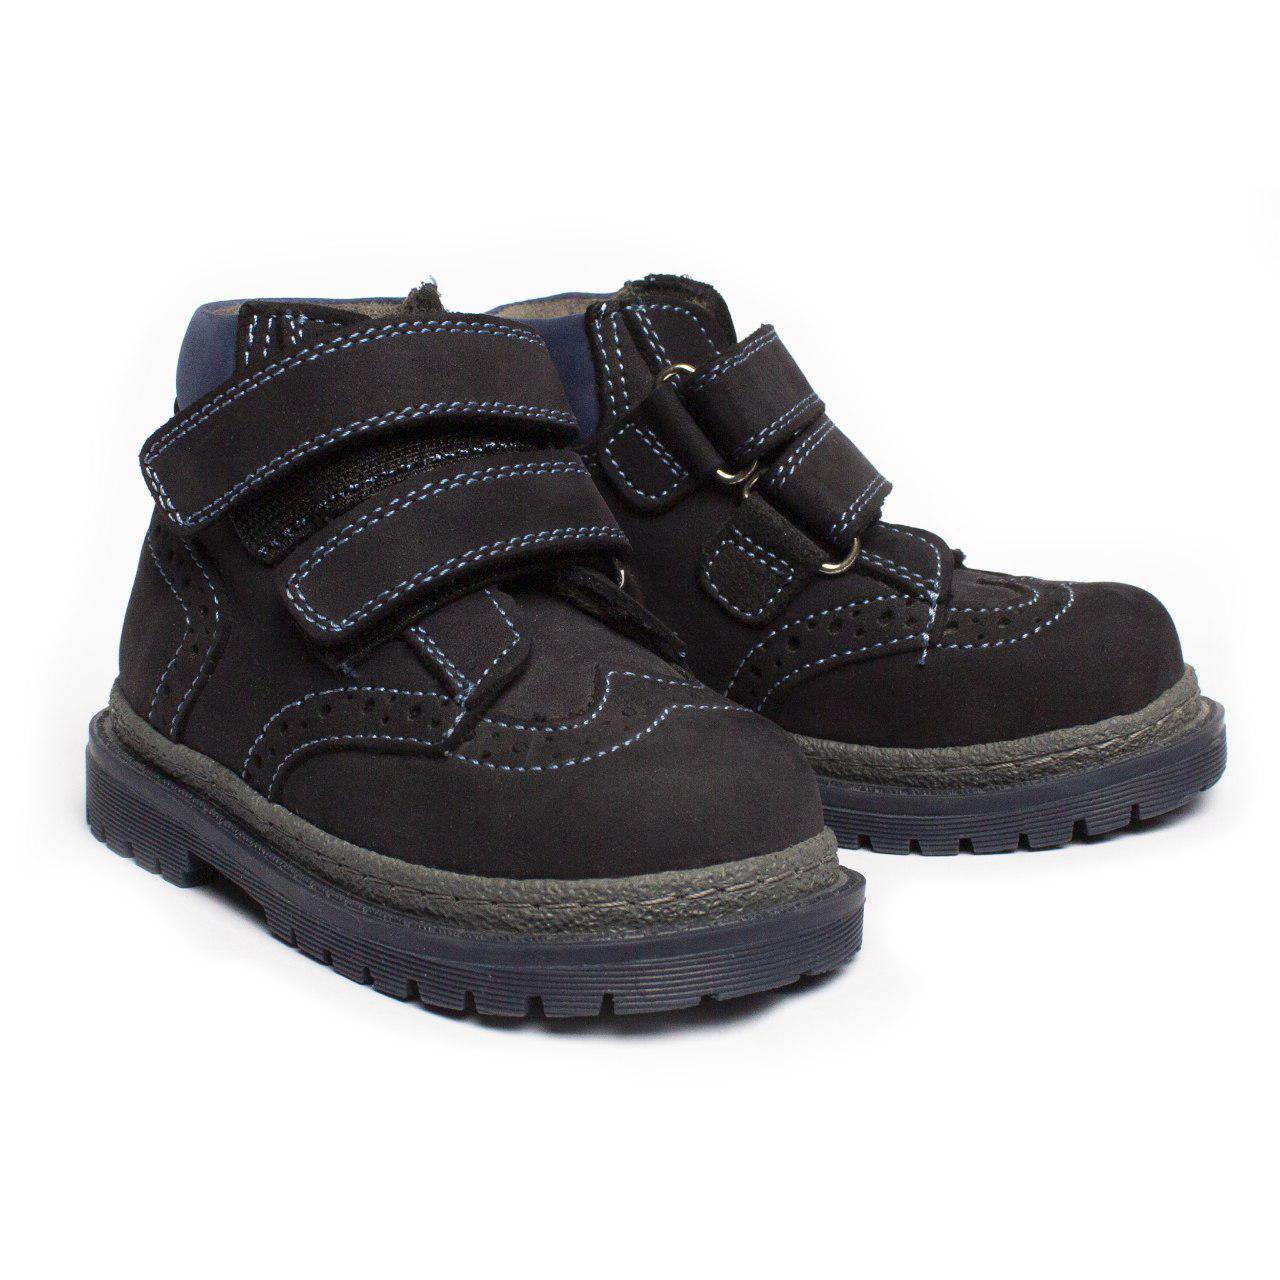 Демисезонные ботинки для мальчика, размеры 21, 22, 23, 24, 25